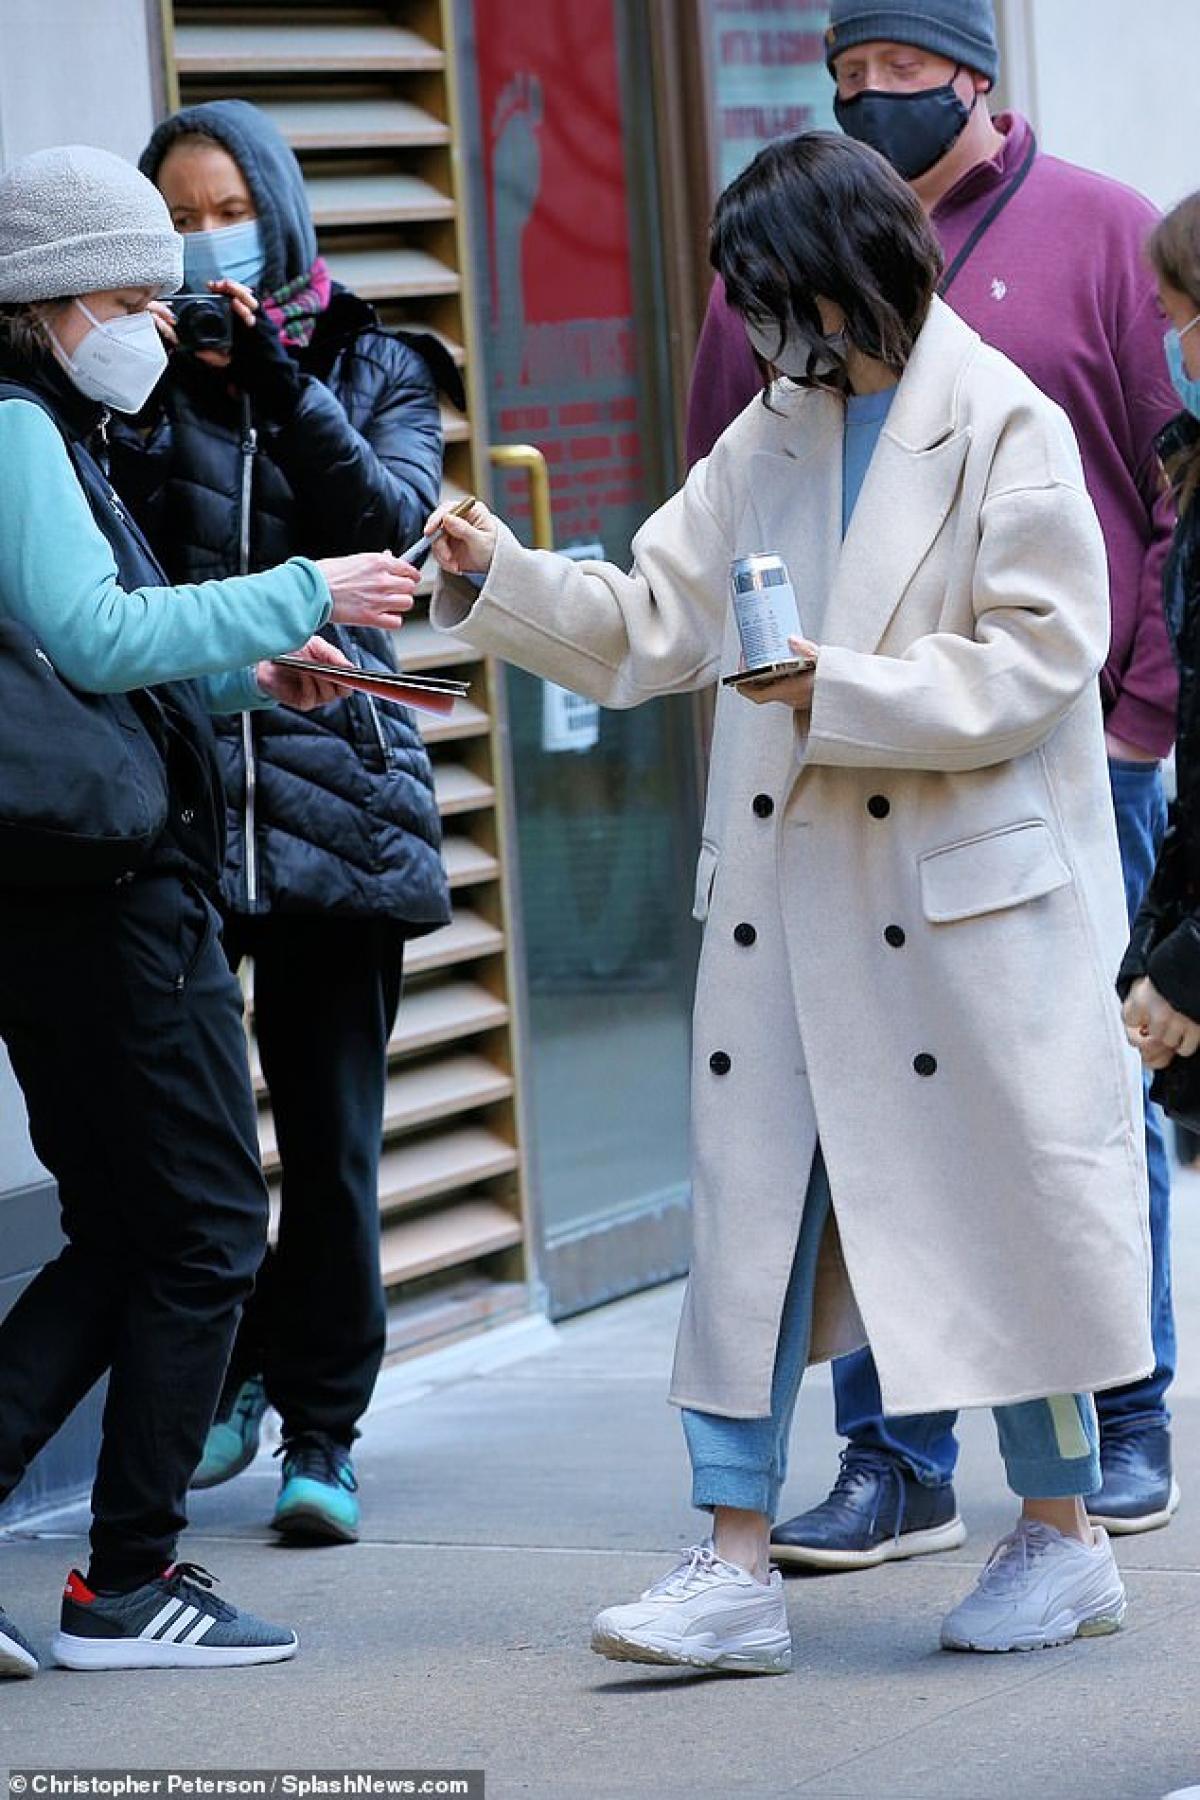 """Selena Gomez đã được mời đóng vai chính trong bộ phim """"Only Murders in the Building"""" cùng với Steve Martin và Martin Short. Đây là một bộ phim hài dài tập được sản xuất bởi Hulu."""